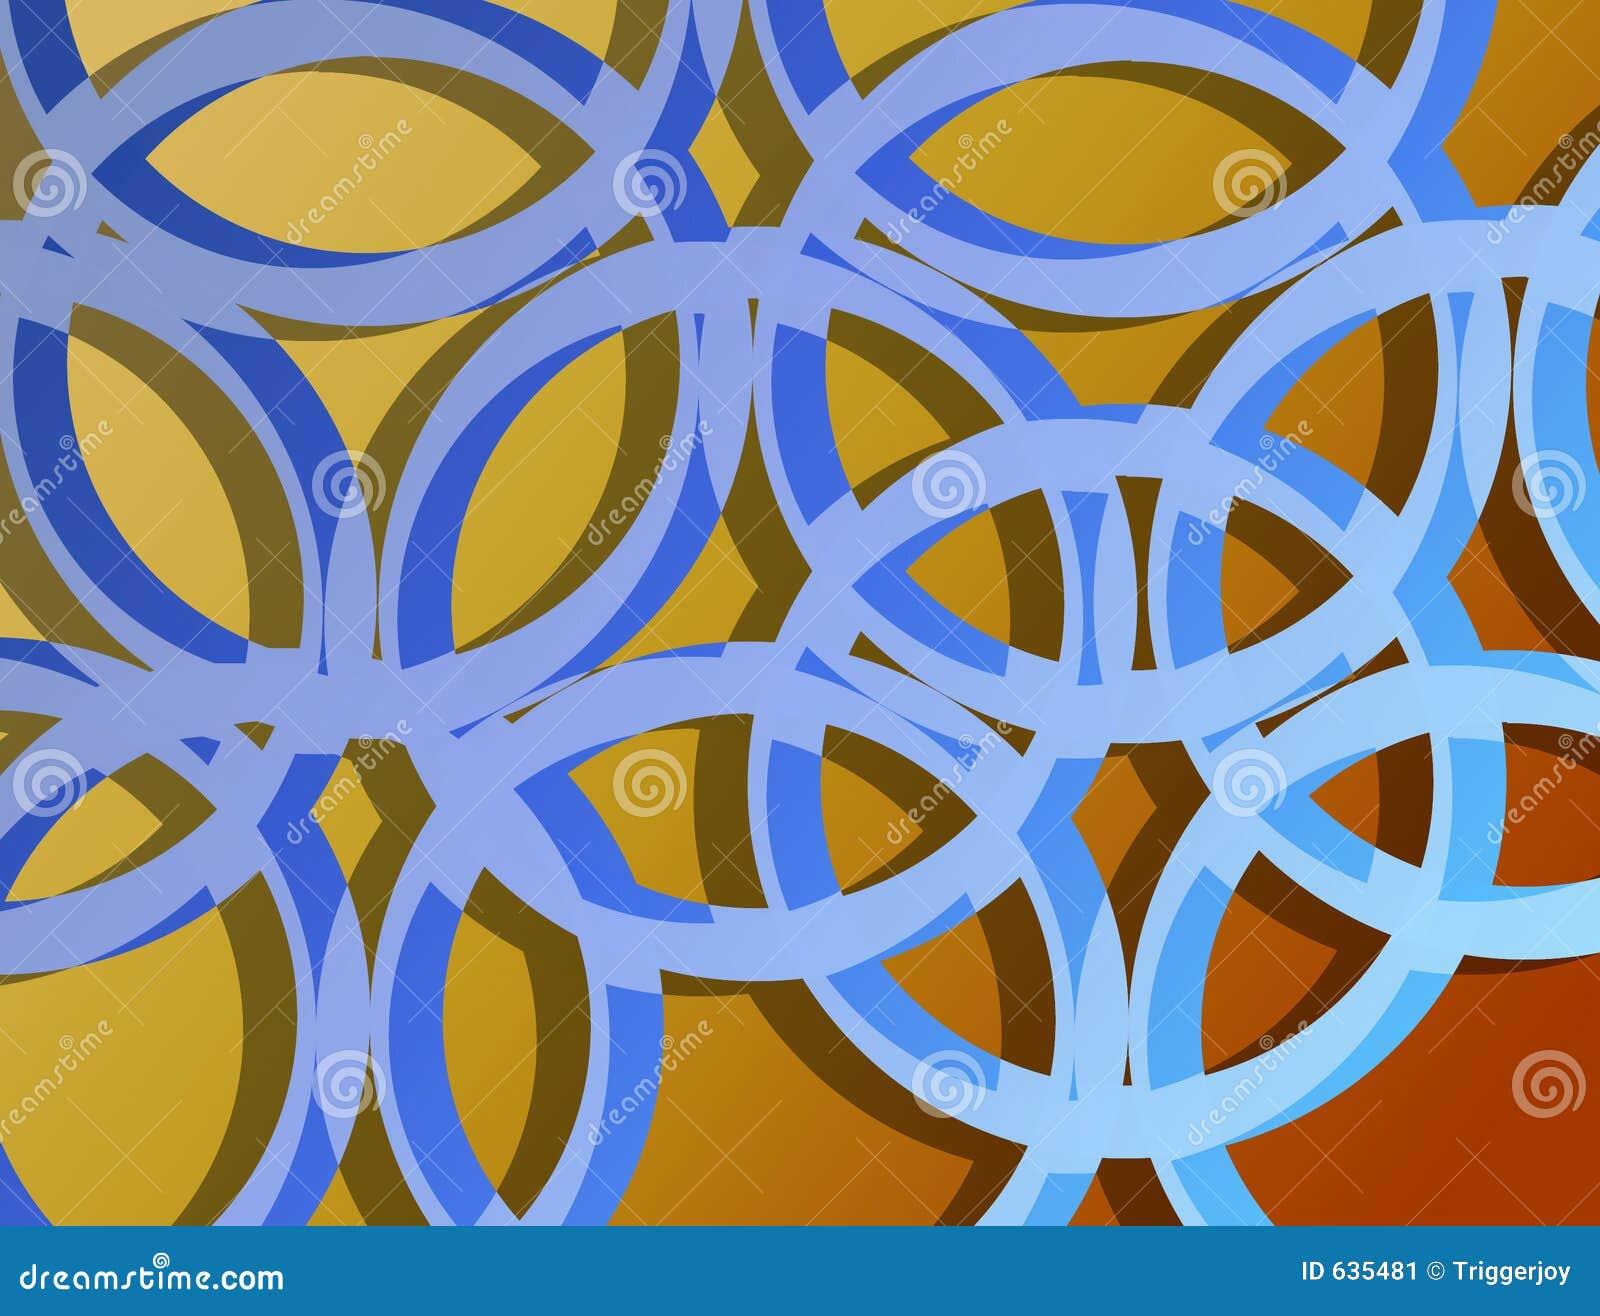 Download картина конструкции иллюстрация штока. иллюстрации насчитывающей свет - 635481